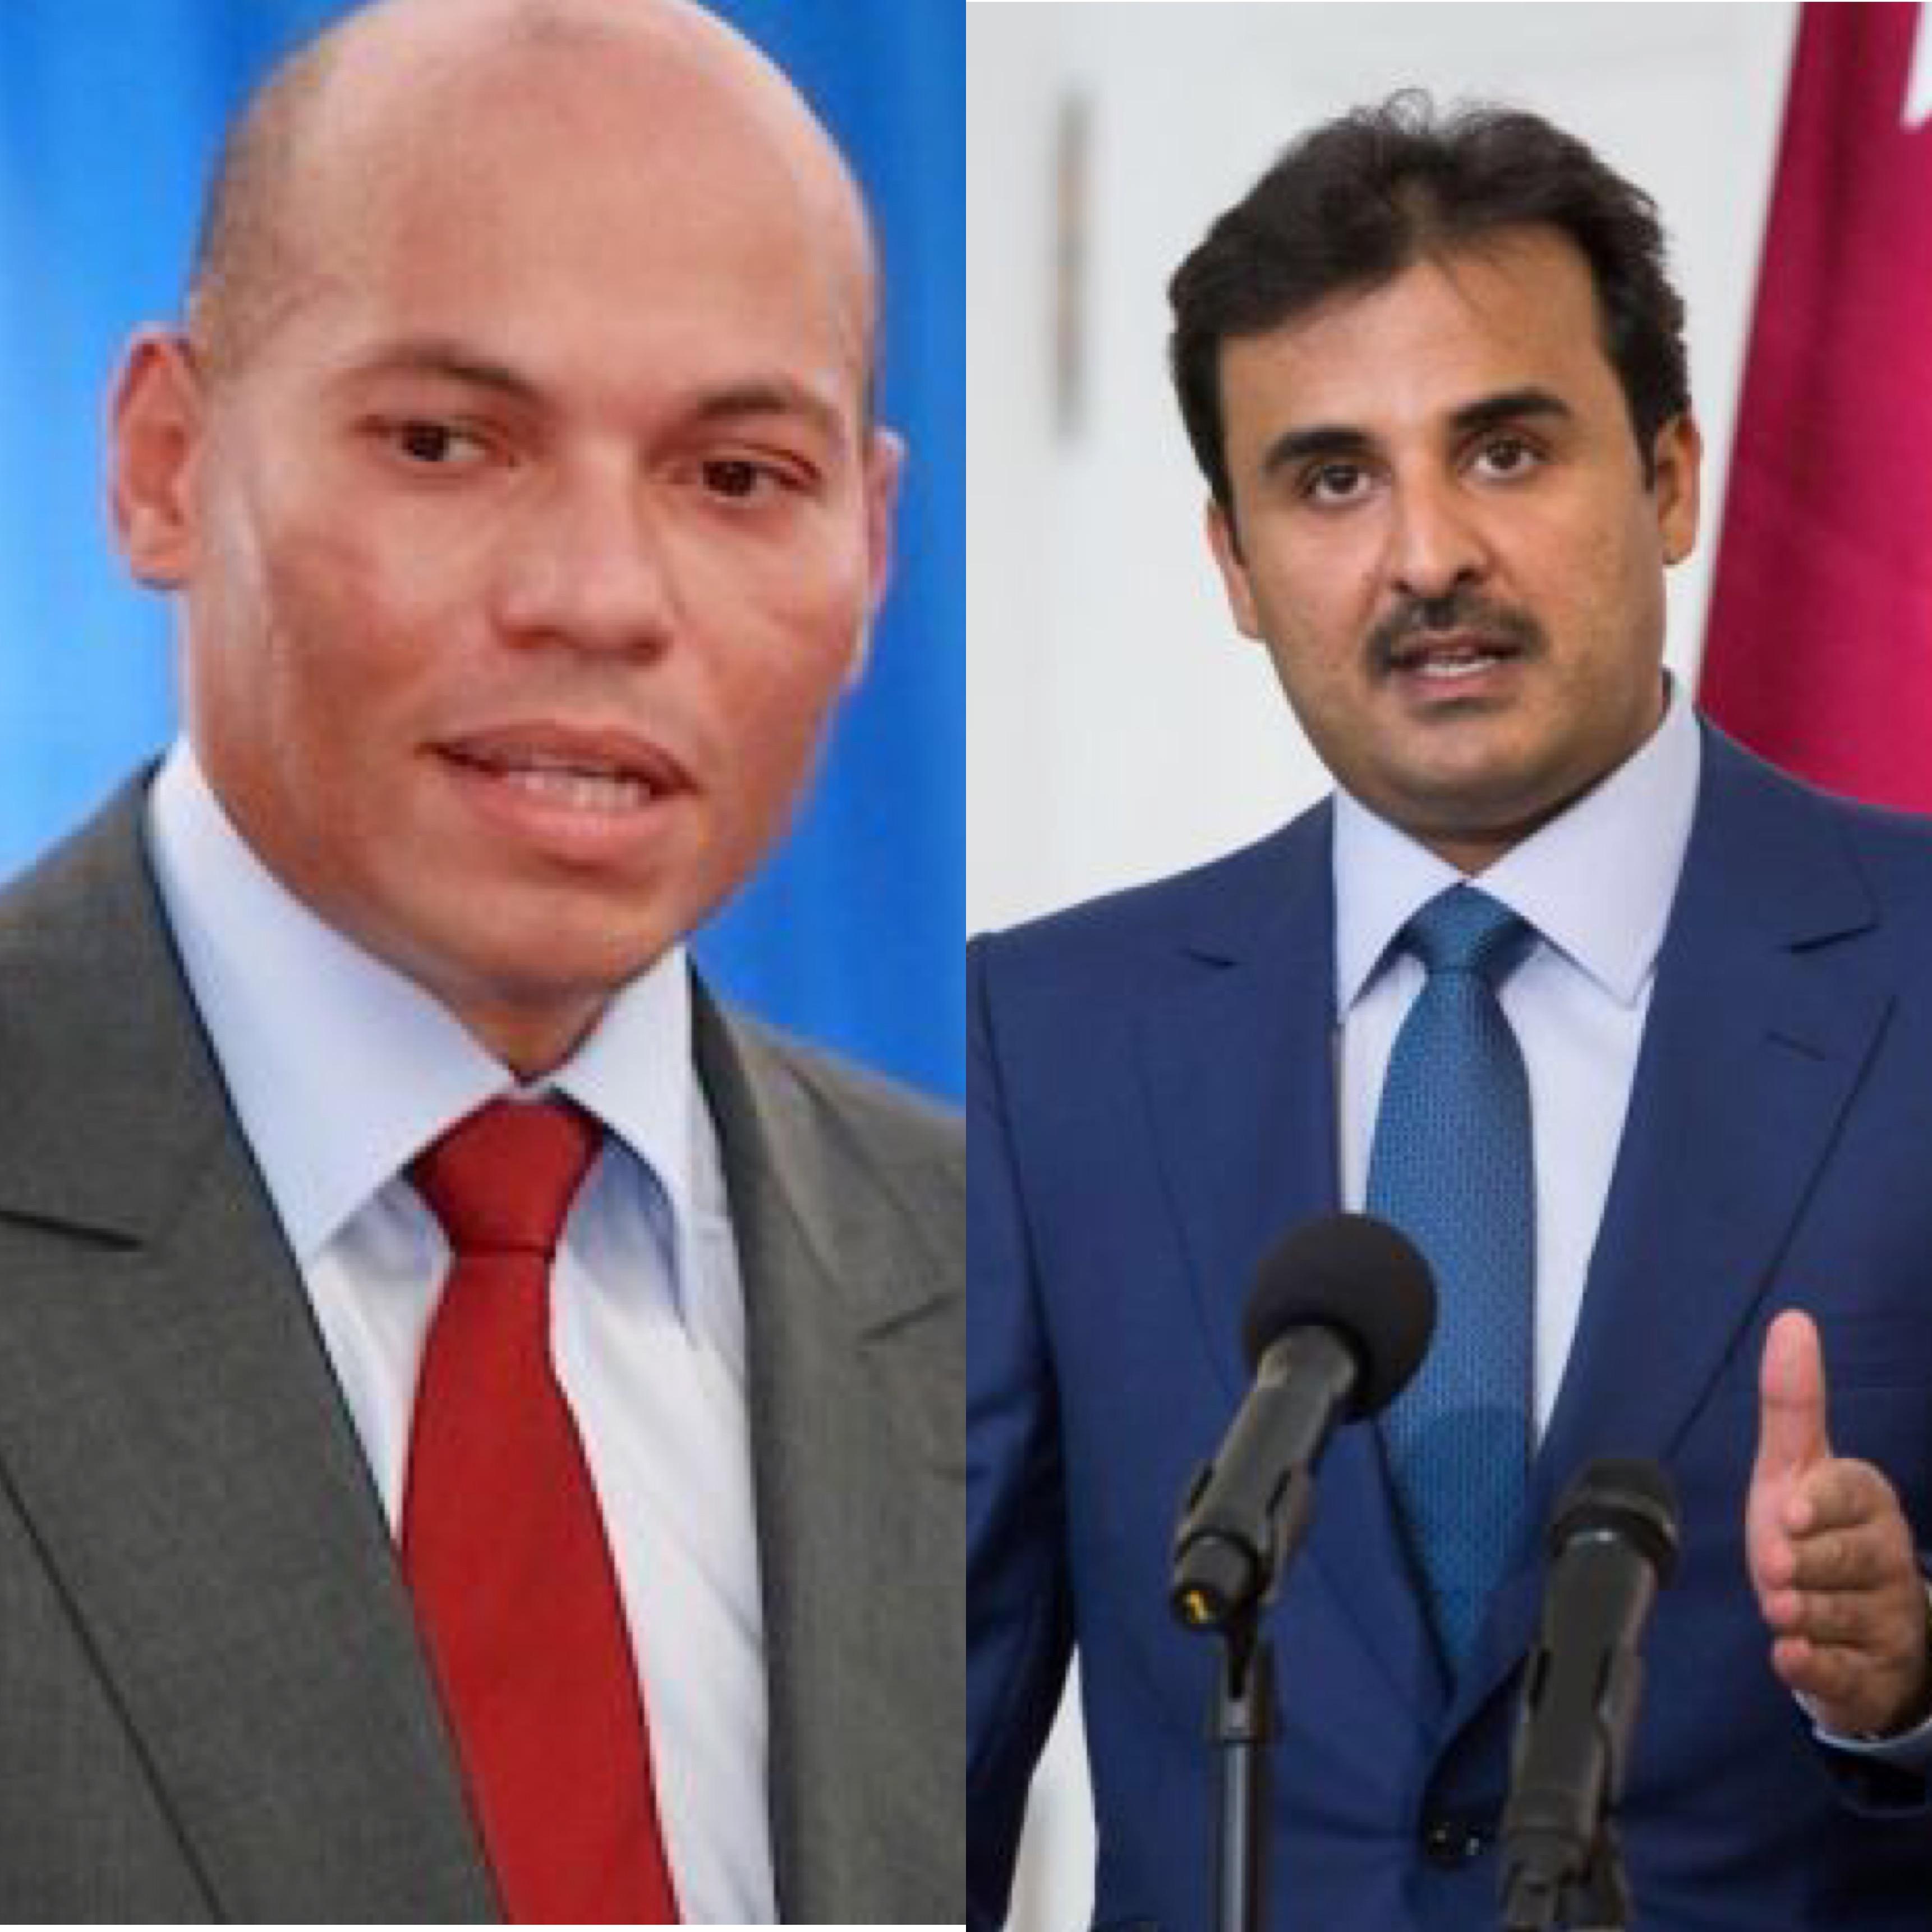 Refus de s'ingérer dans les affaires intérieures du Sénégal : l'émir du Qatar a-t-il lâché Karim Wade ?